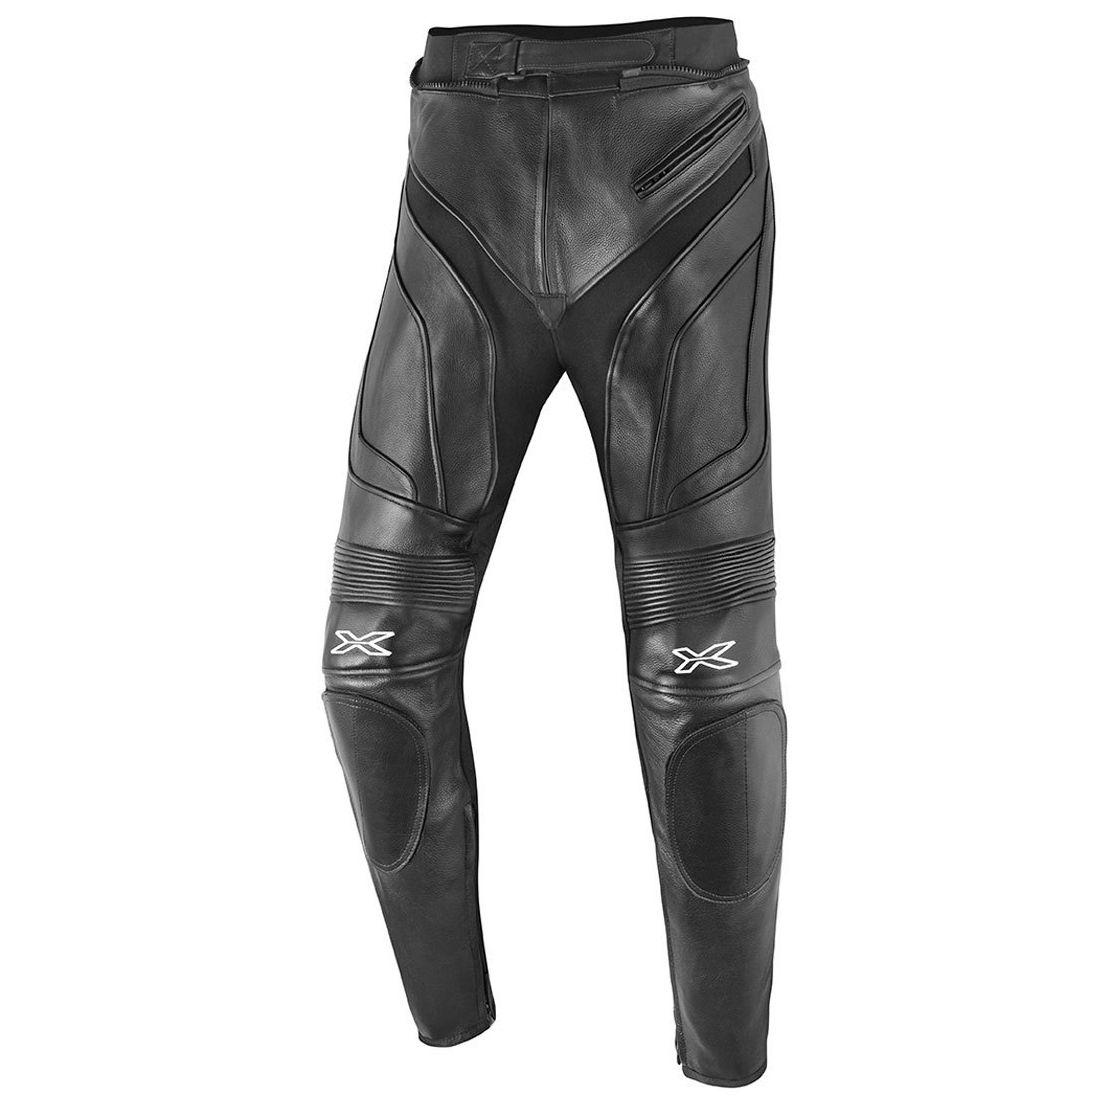 Pantalon Ixs Snipe